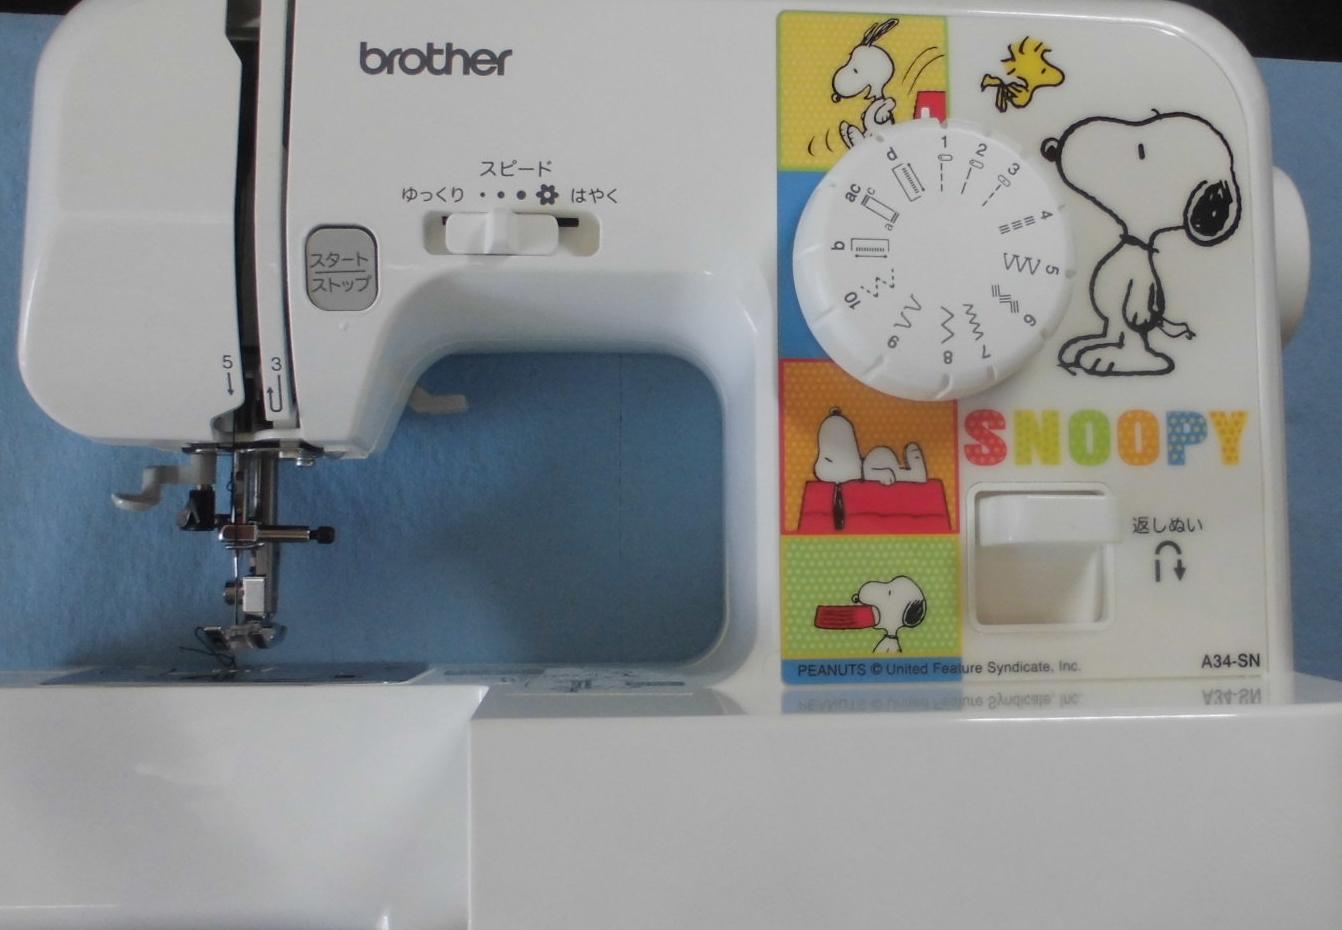 ブラザーミシン修理|ELU53 A34-SN|縫えない、下糸を拾わない、針が布を貫通しない